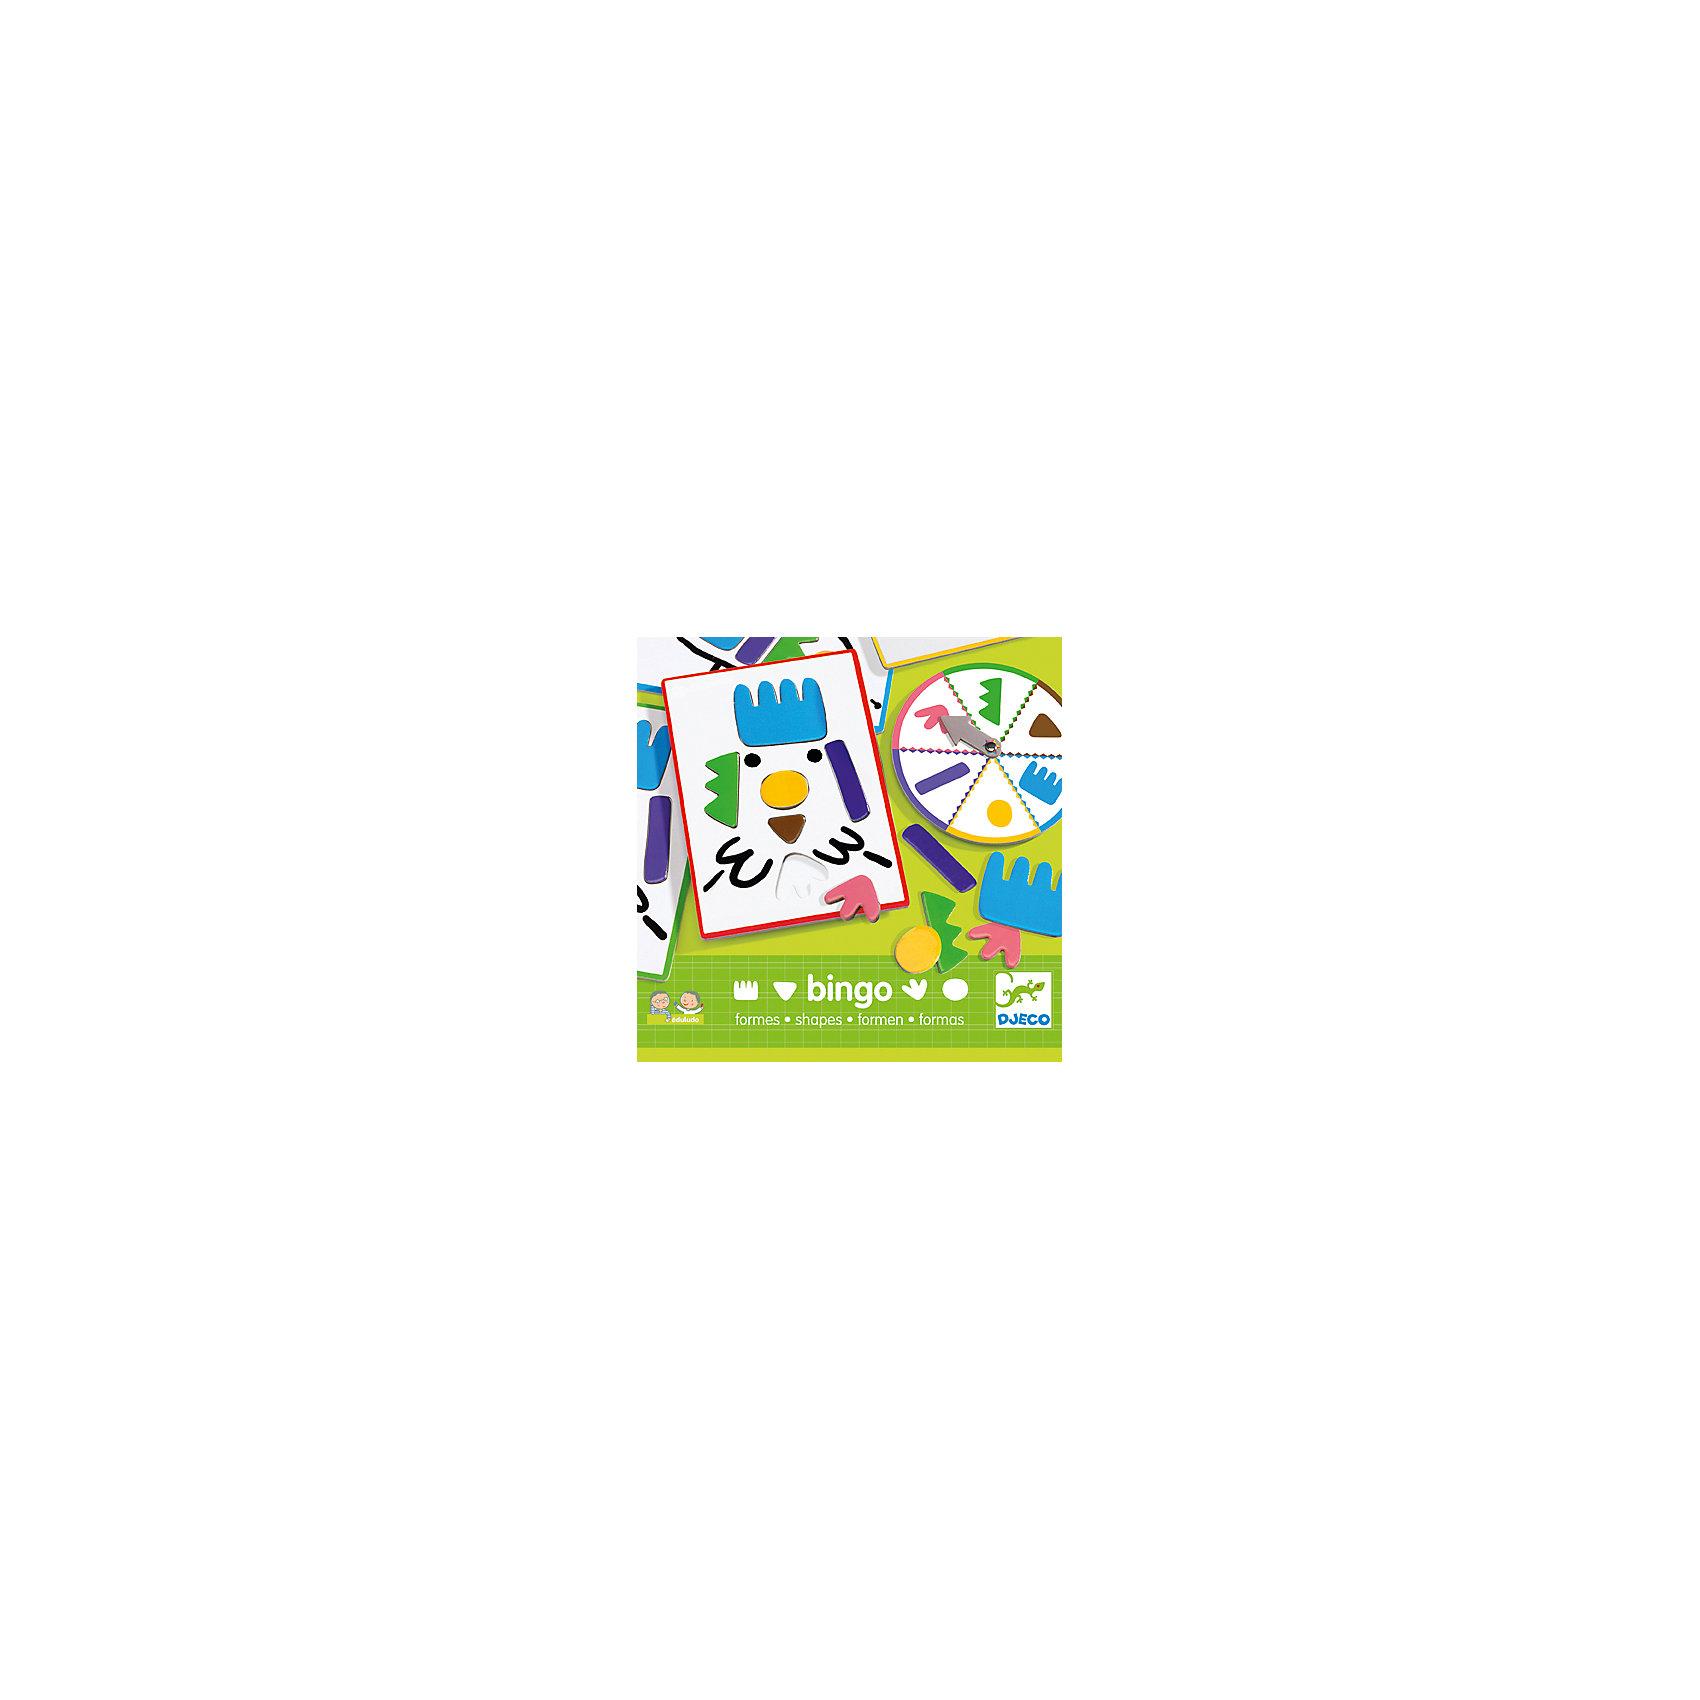 Настольная игра Бинго Формы, DJECOУвлекательная настольная игра Бинго Формы, Djeco (Джеко) - идеальный вариант для совместного времяпрепровождения с ребенком или для детского праздника. В игре могут участвовать от 1 до 4 игроков. Каждый участник получает карточку с пустыми формами, которые надо заполнить соответствующими деталями, в итоге должен получится забавный рисунок. Участники по очереди вращают рулетку и ищут на своих карточках выпавшую на колесе деталь. Выигрывает тот, кто последним соберет собственный рисунок. В процессе игры ребенок знакомиться с различными формами, учиться сопоставлять их и различать по цвету. Все детали изготовлены из плотного качественного картона с использованием безопасных красок. Игра развивает логическое мышление, сообразительность, внимательность и быстроту реакции.<br><br>Дополнительная информация:<br><br>- В комплекте: 4 карточки, 24 различные формы, рулетка. <br>- Материал: картон.<br>- Размер упаковки: 21,5 х 21,5 х 3,5 см.<br>- Вес: 0,73 кг.<br><br>Настольную игру Бинго Формы, Djeco (Джеко), можно купить в нашем интернет-магазине.<br><br>Ширина мм: 220<br>Глубина мм: 280<br>Высота мм: 10<br>Вес г: 730<br>Возраст от месяцев: 36<br>Возраст до месяцев: 72<br>Пол: Унисекс<br>Возраст: Детский<br>SKU: 4215043